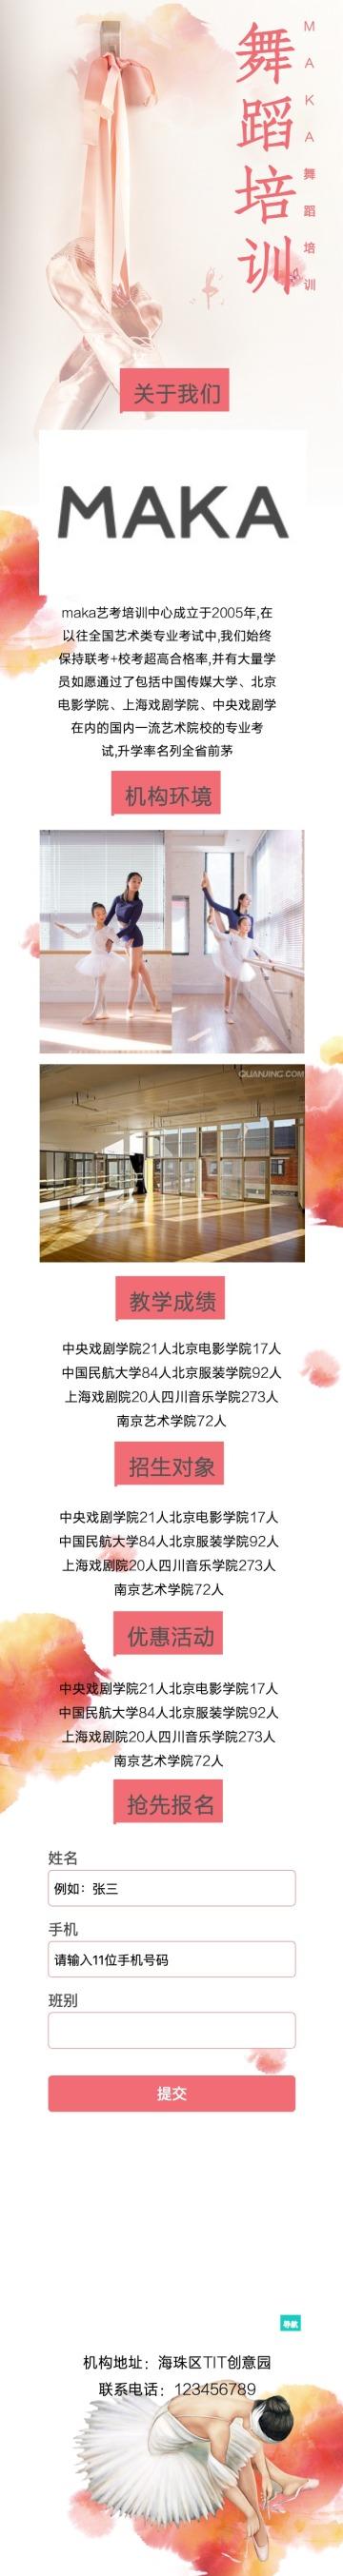 清新文艺教育培训兴趣舞蹈班招生介绍推广单页